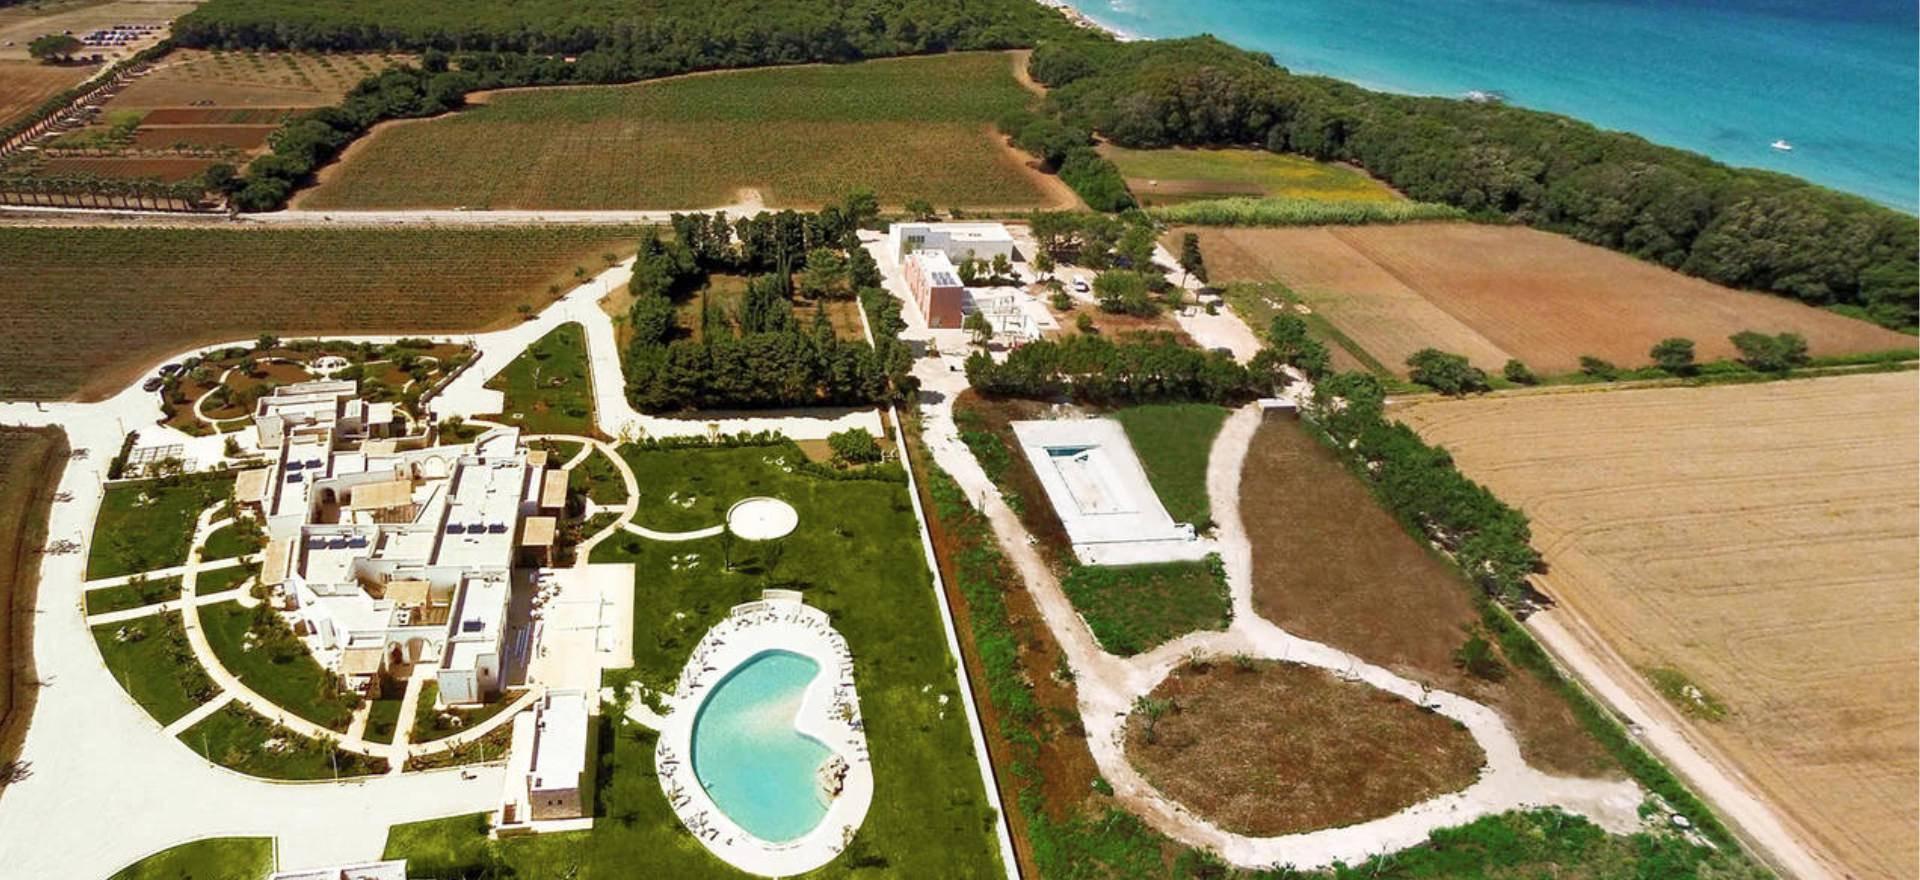 Agriturismo Puglia Luxe agriturismo vlakbij zee, met moderne appartementen